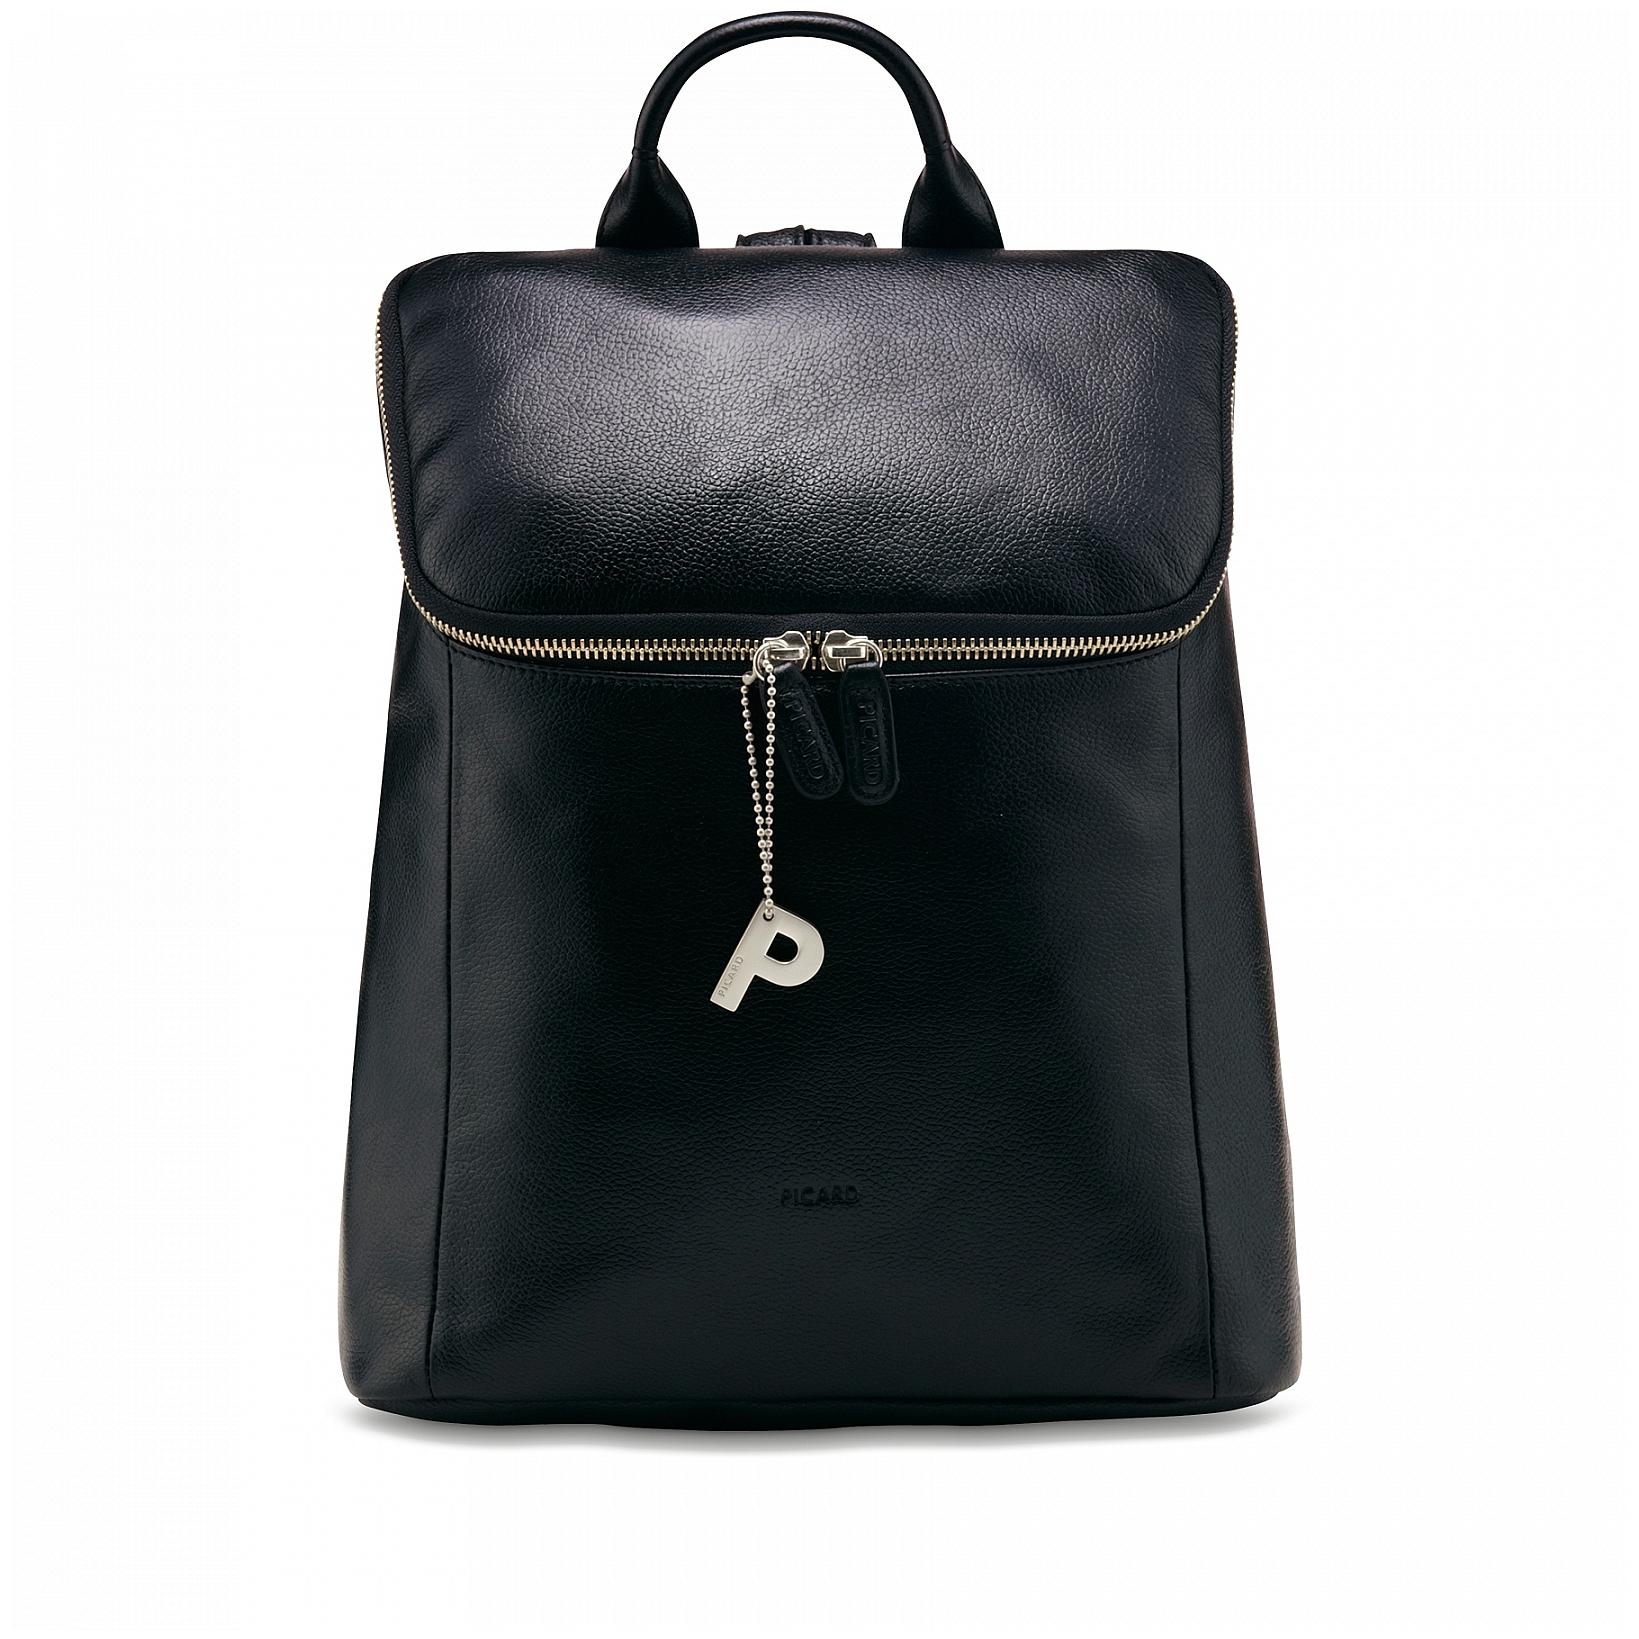 132f21bac4 PICARD Stylový dámský kožený batoh LUIS 8634 černý